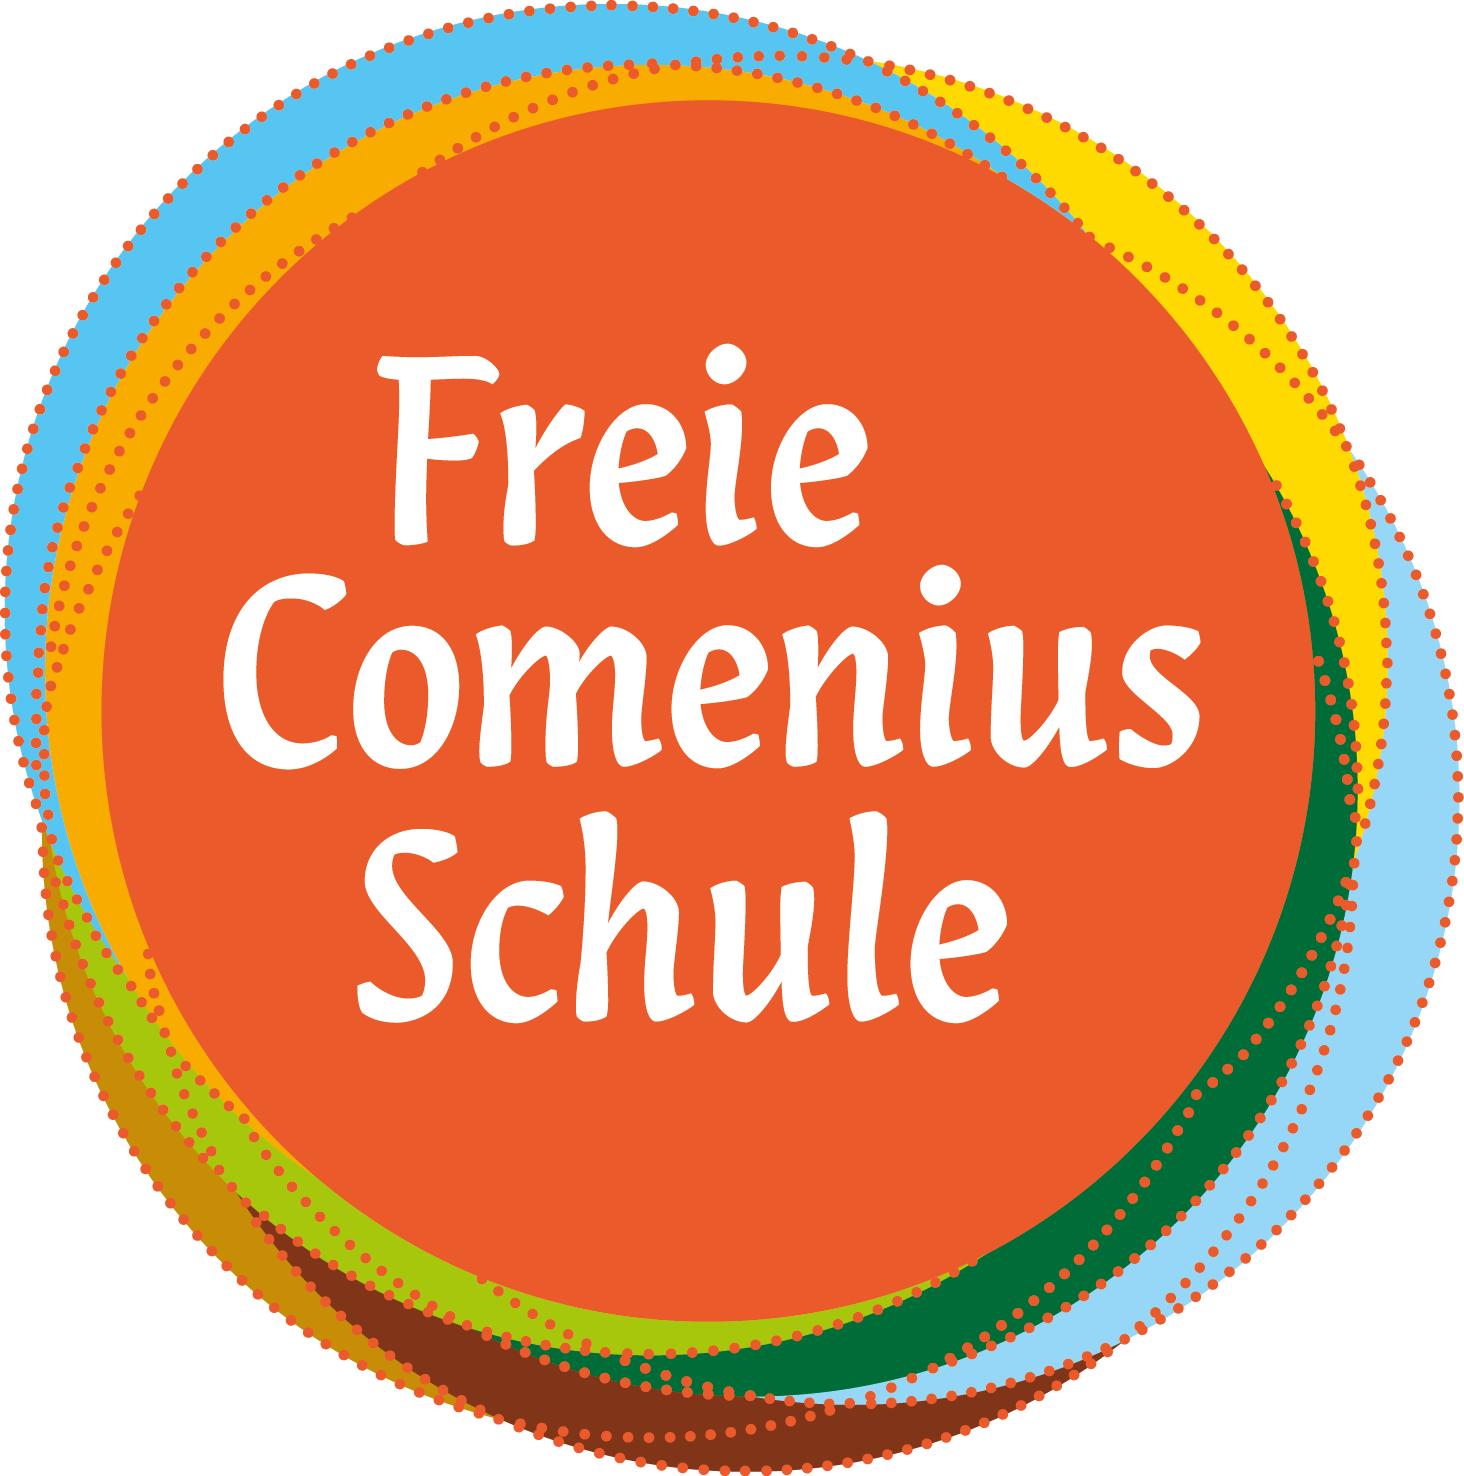 Freie Comenius Schule